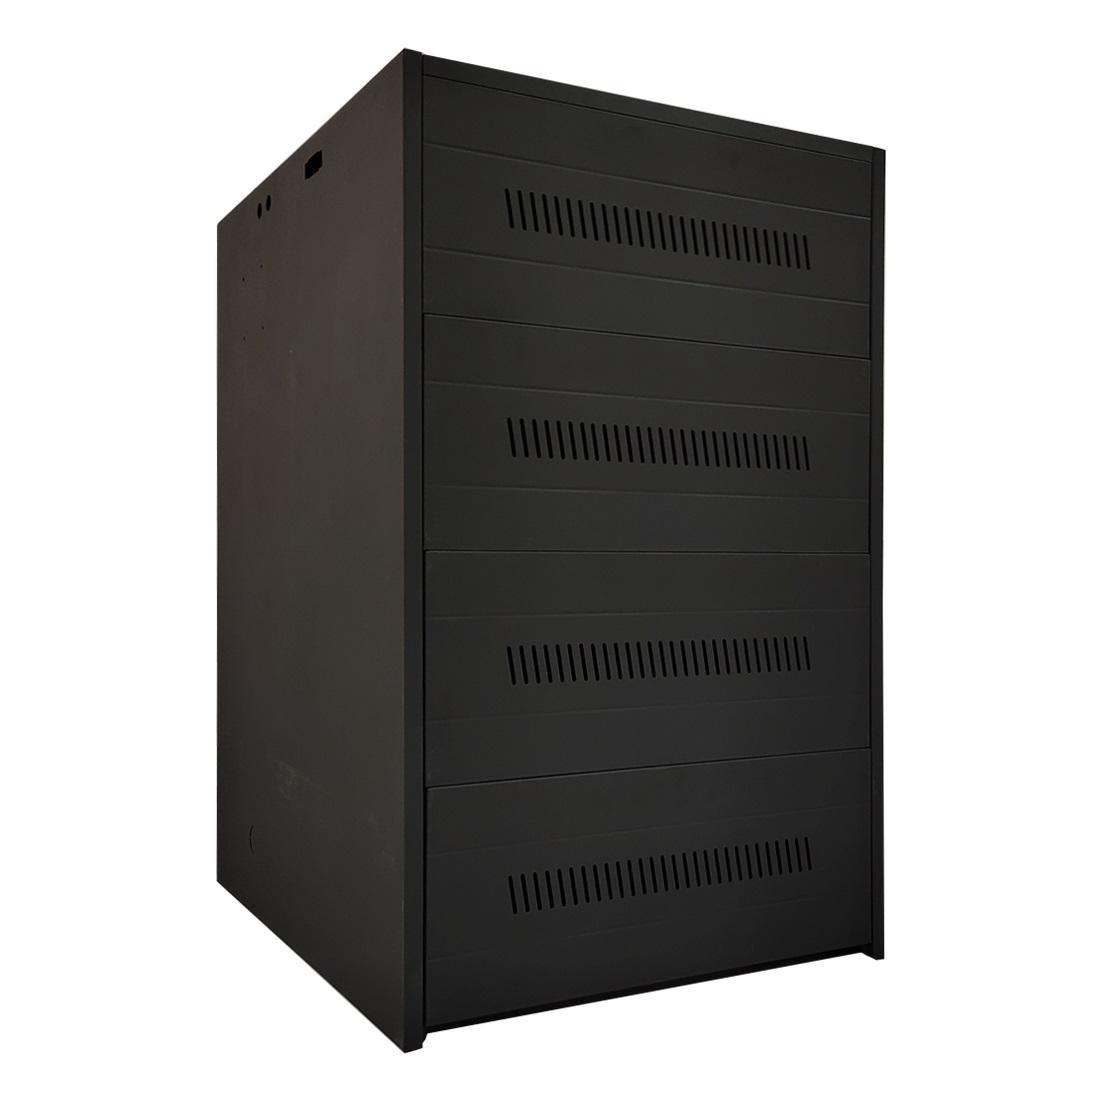 Дополнительное оборудование к аккумуляторам SVC SVC BC C-32 шкафы